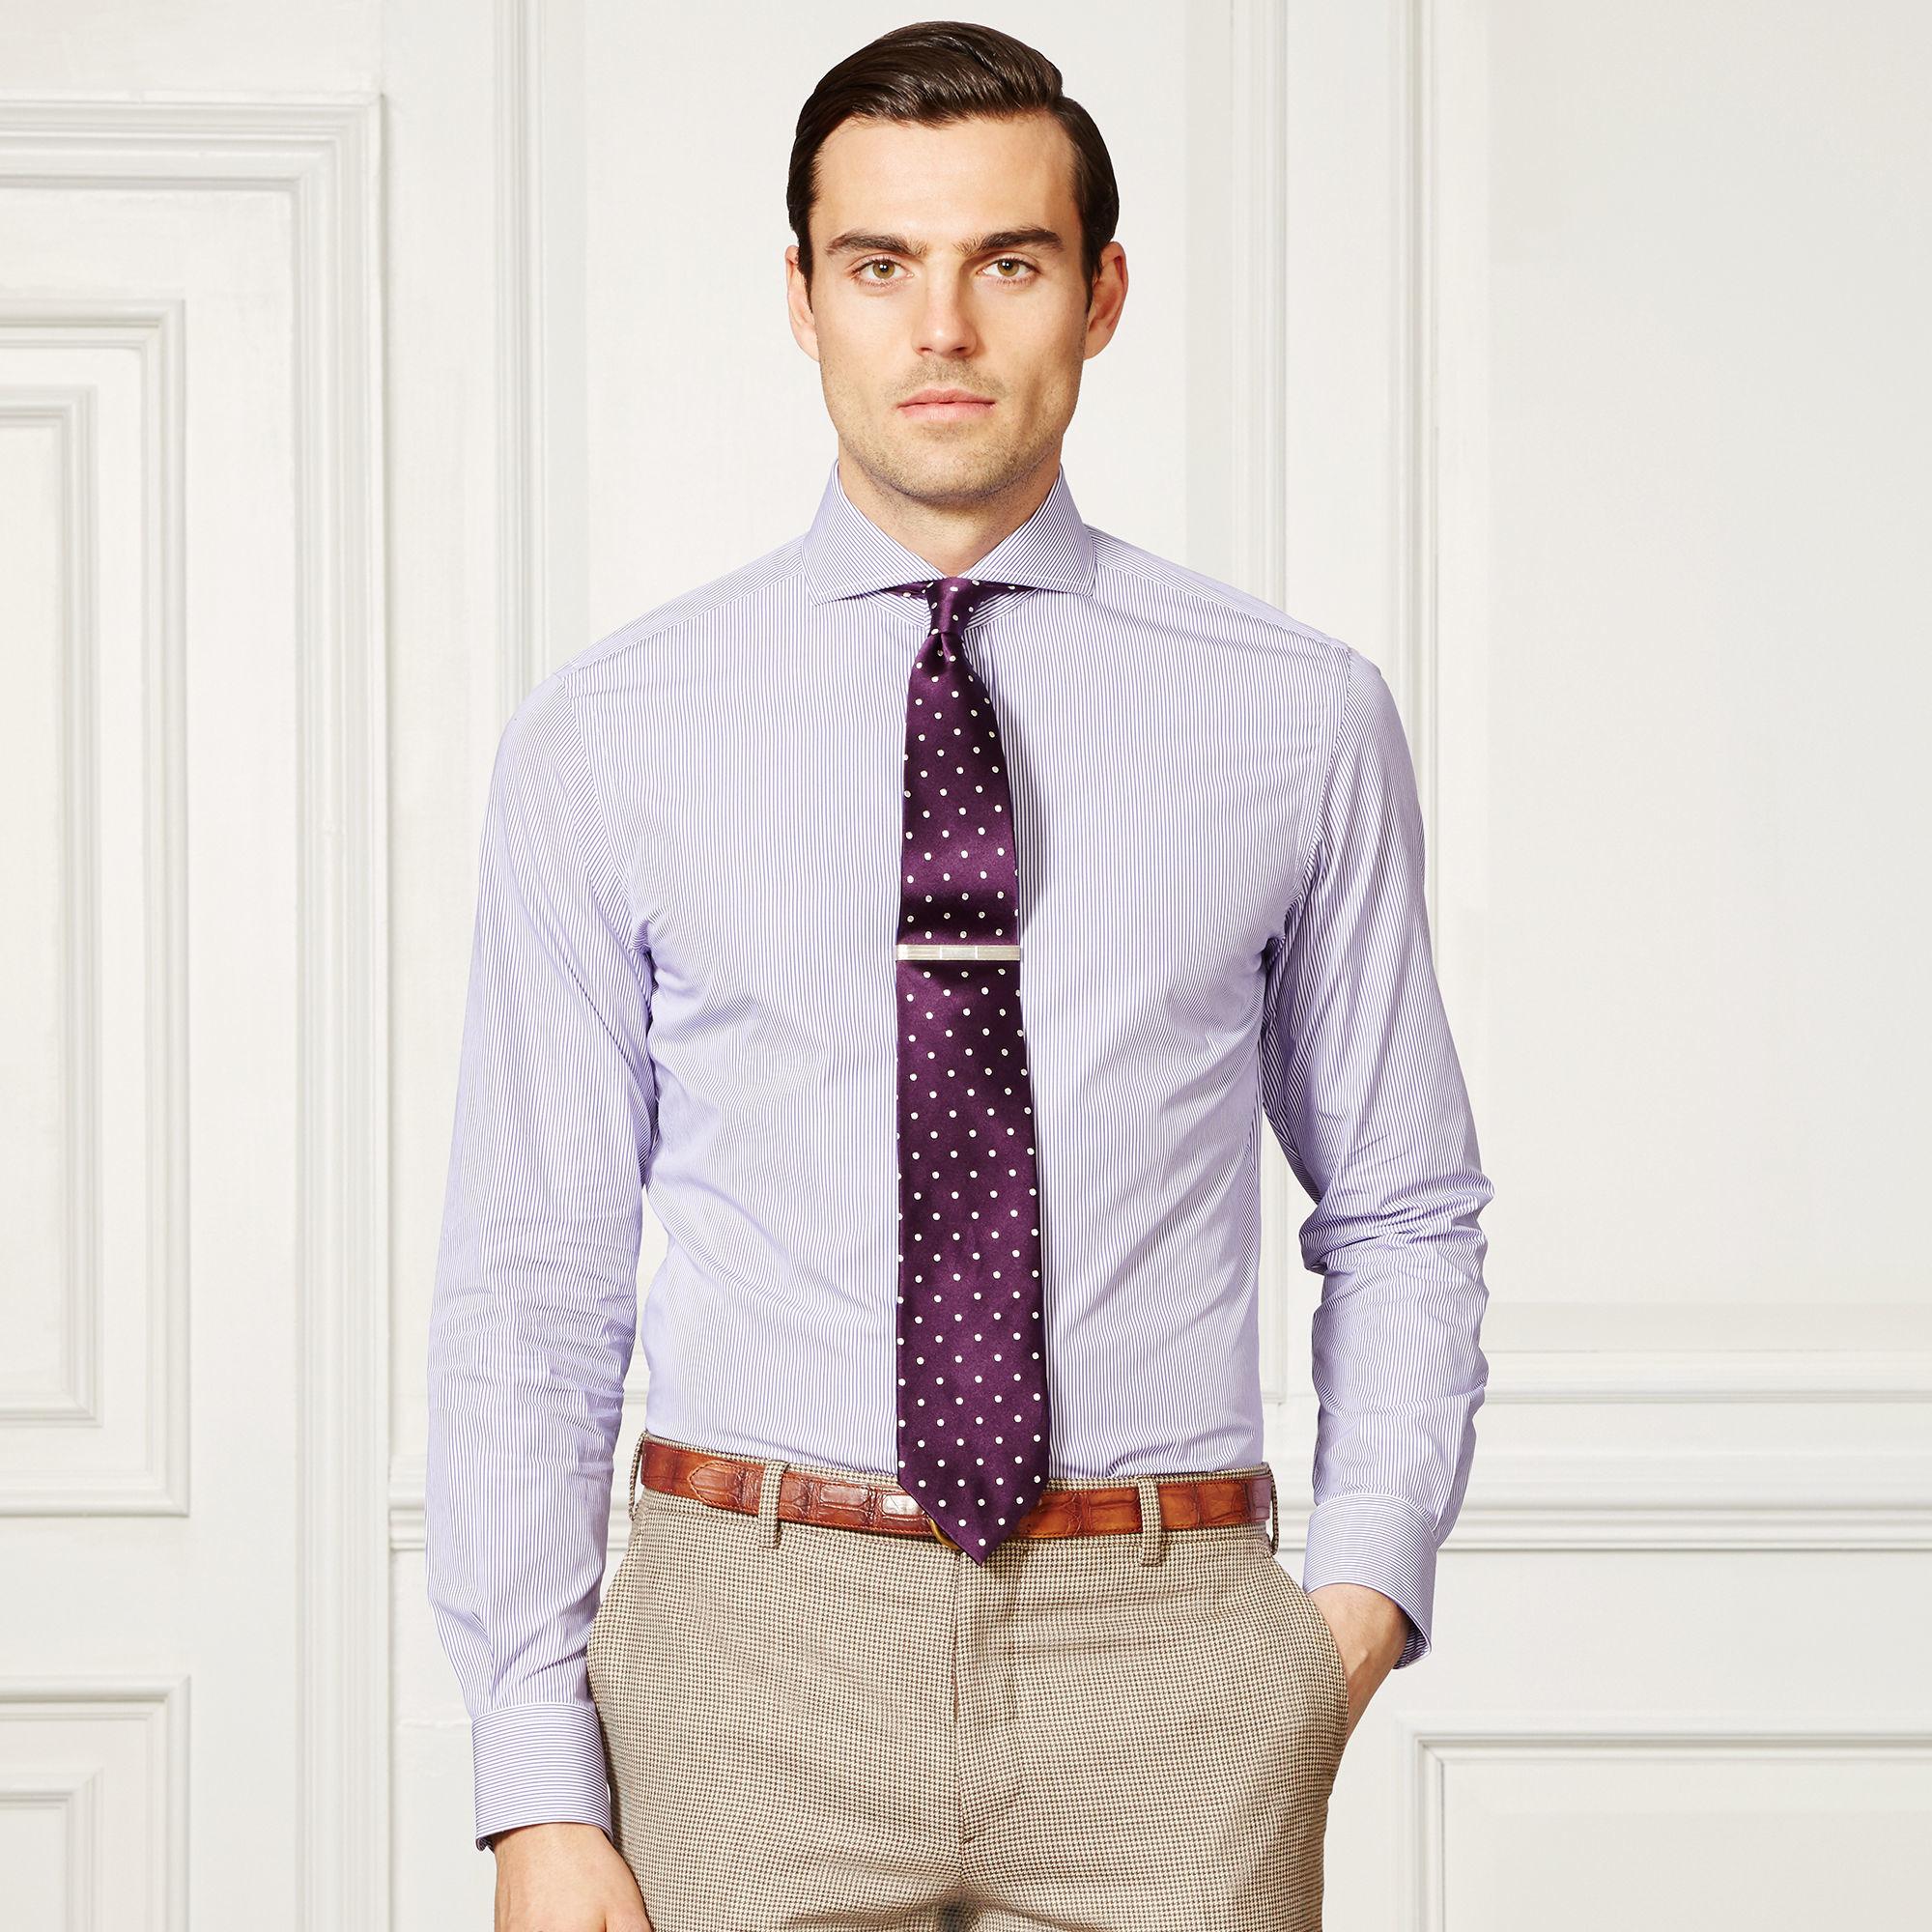 cba9fba128 Ralph Lauren Purple Label Keaton Striped Dress Shirt in Purple for ...